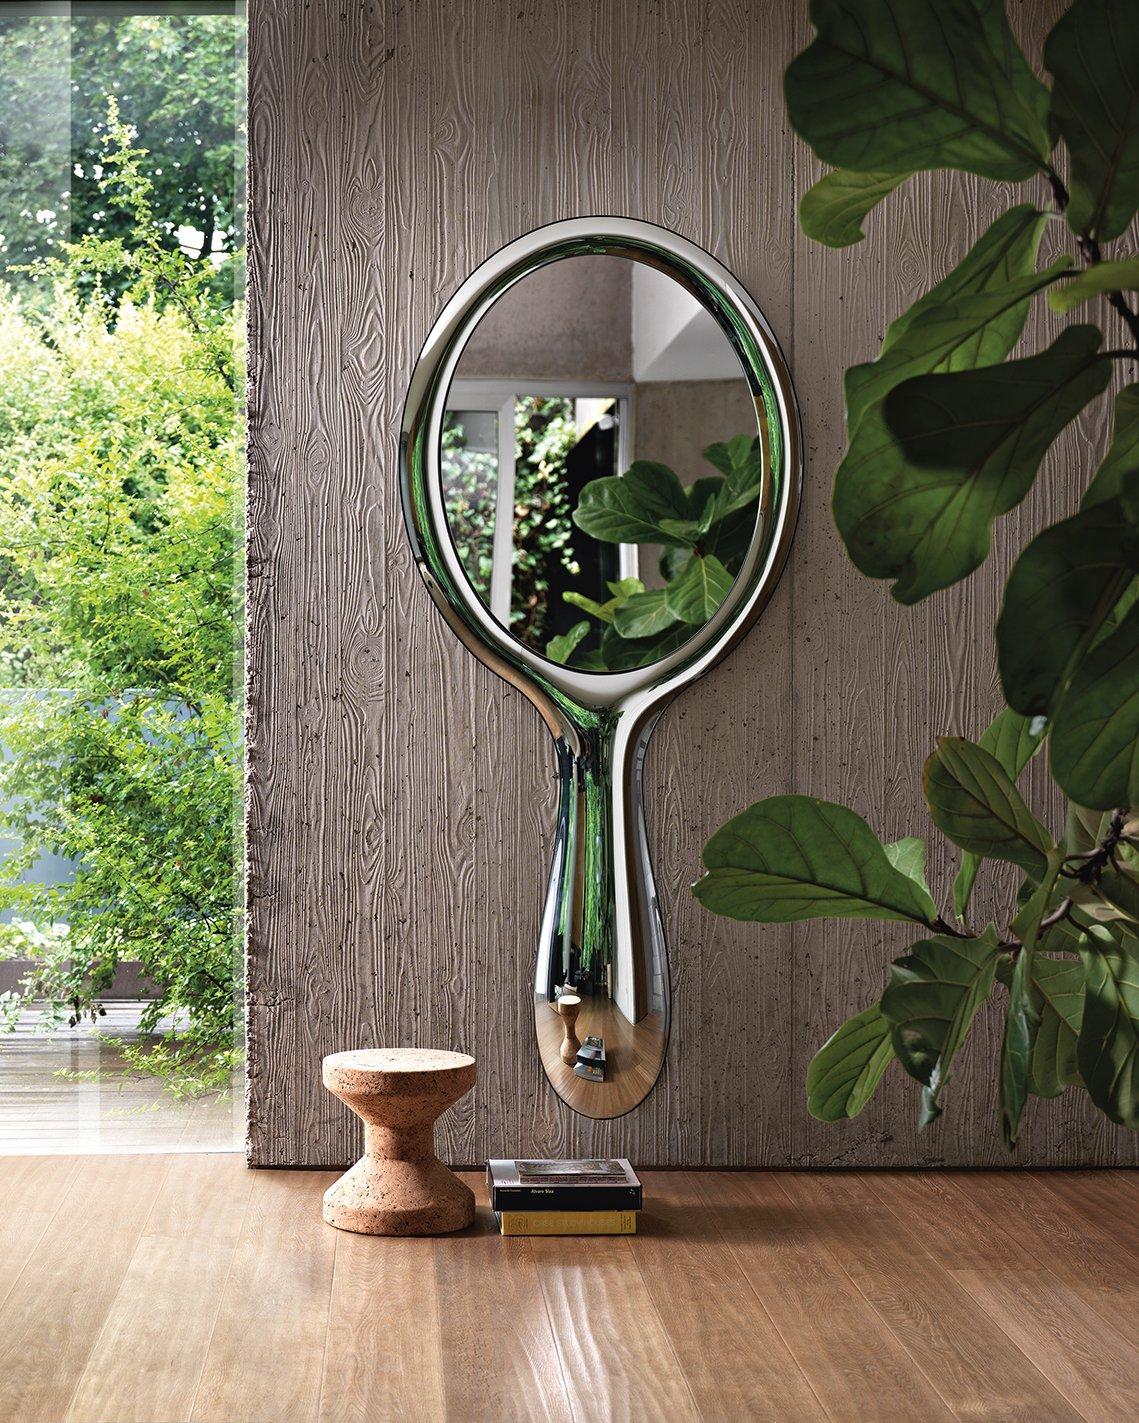 Lollipop Mirror from Fiam, designed by Marcel Wanders